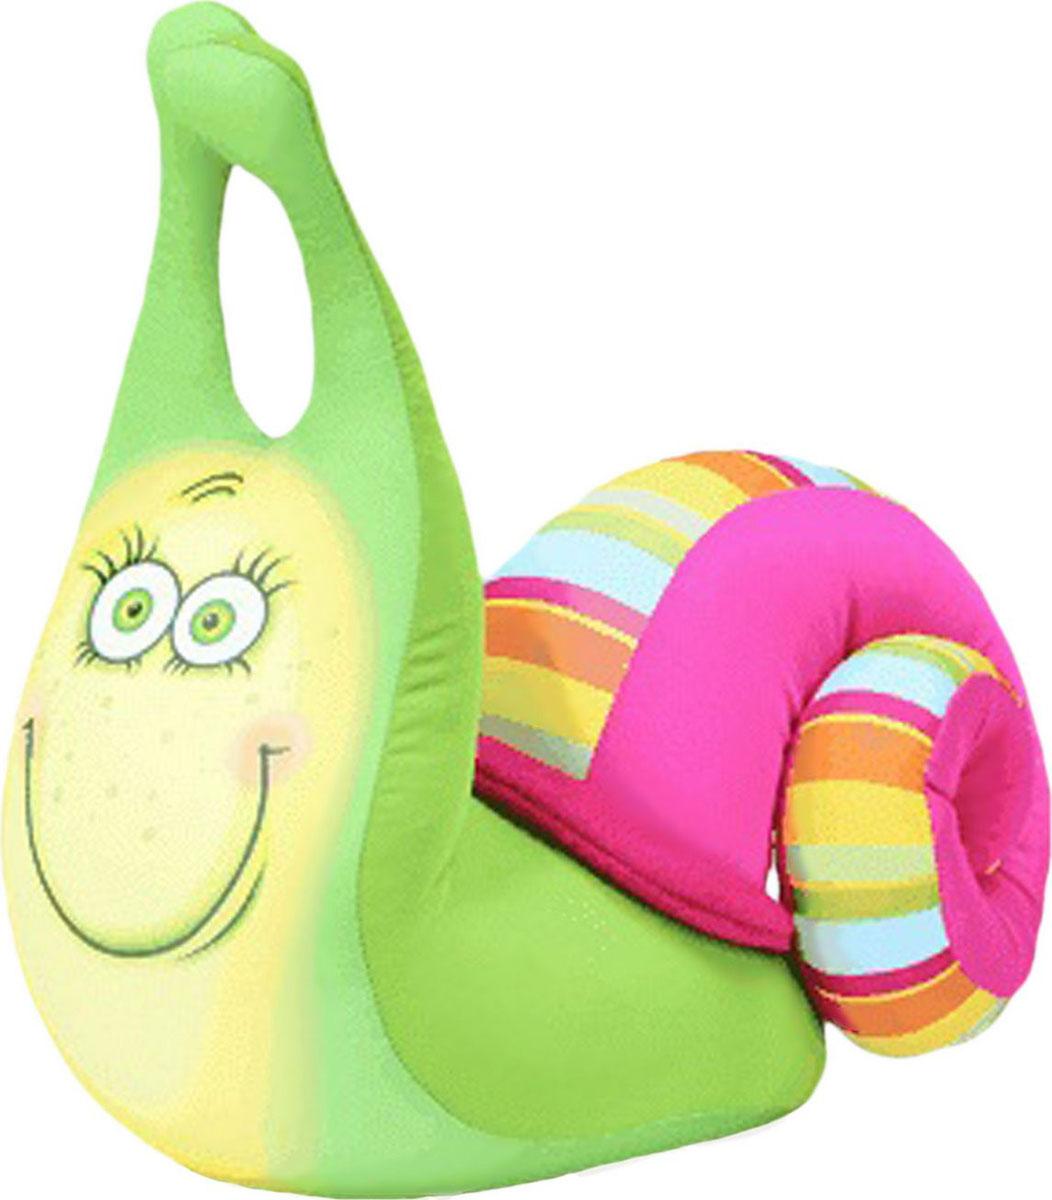 Подушка-игрушка антистрессовая Штучки, к которым тянутся ручки  Улитка Уля . 13аси32гив-3 - Мягкие игрушки